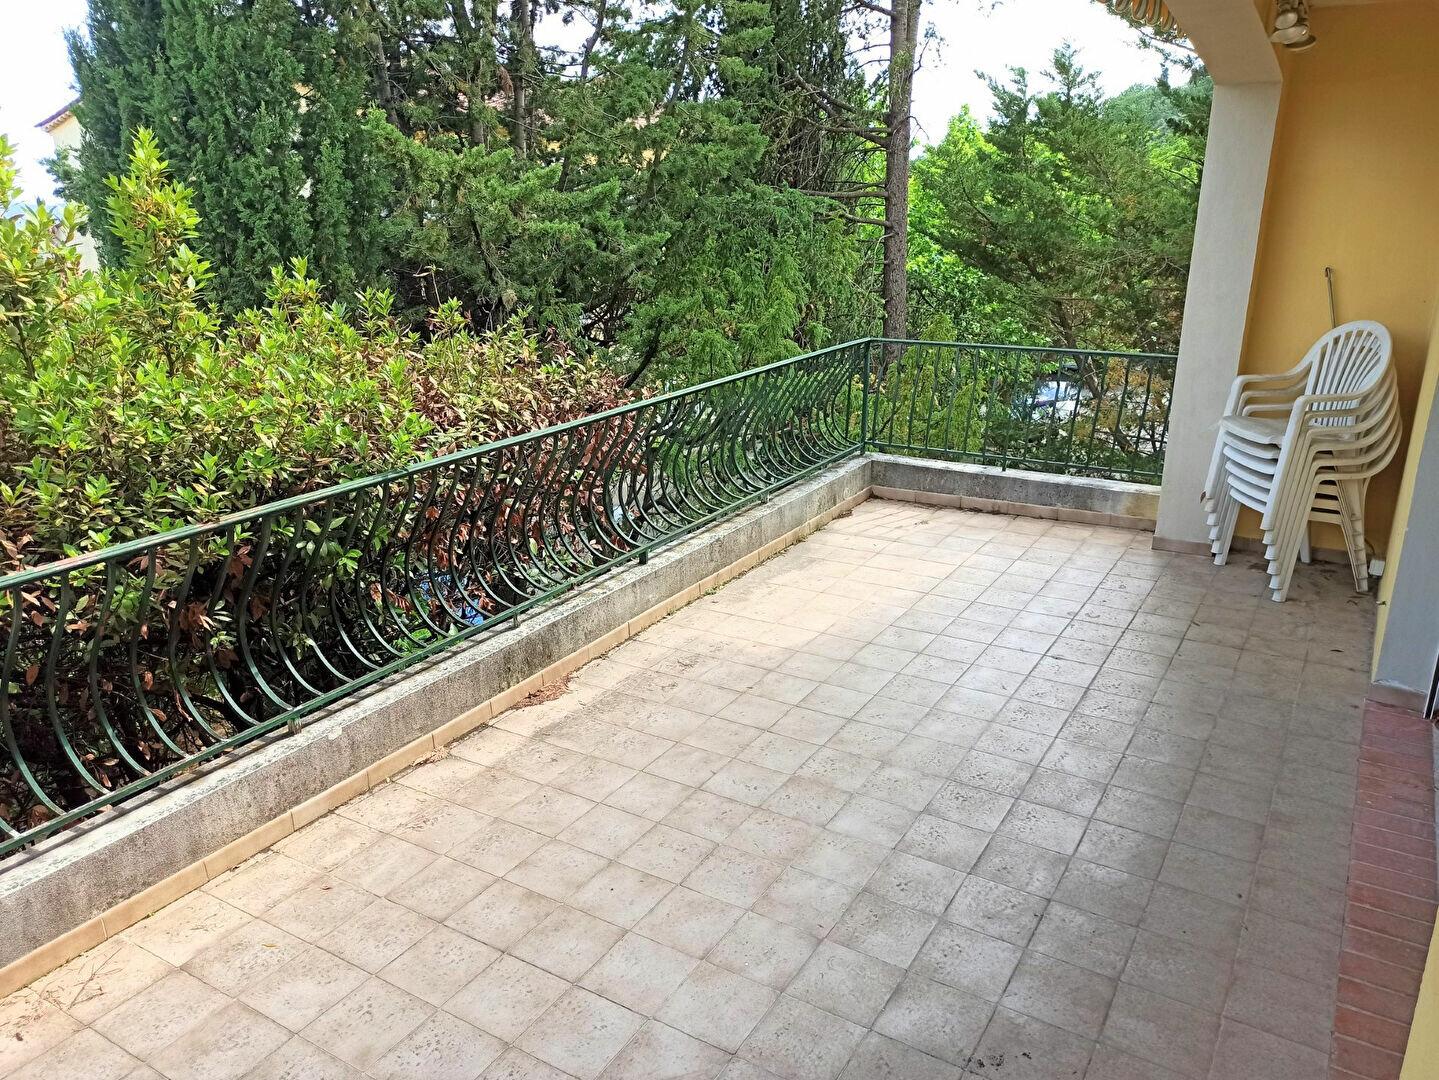 Maison à vendre 5 175m2 à Cagnes-sur-Mer vignette-2